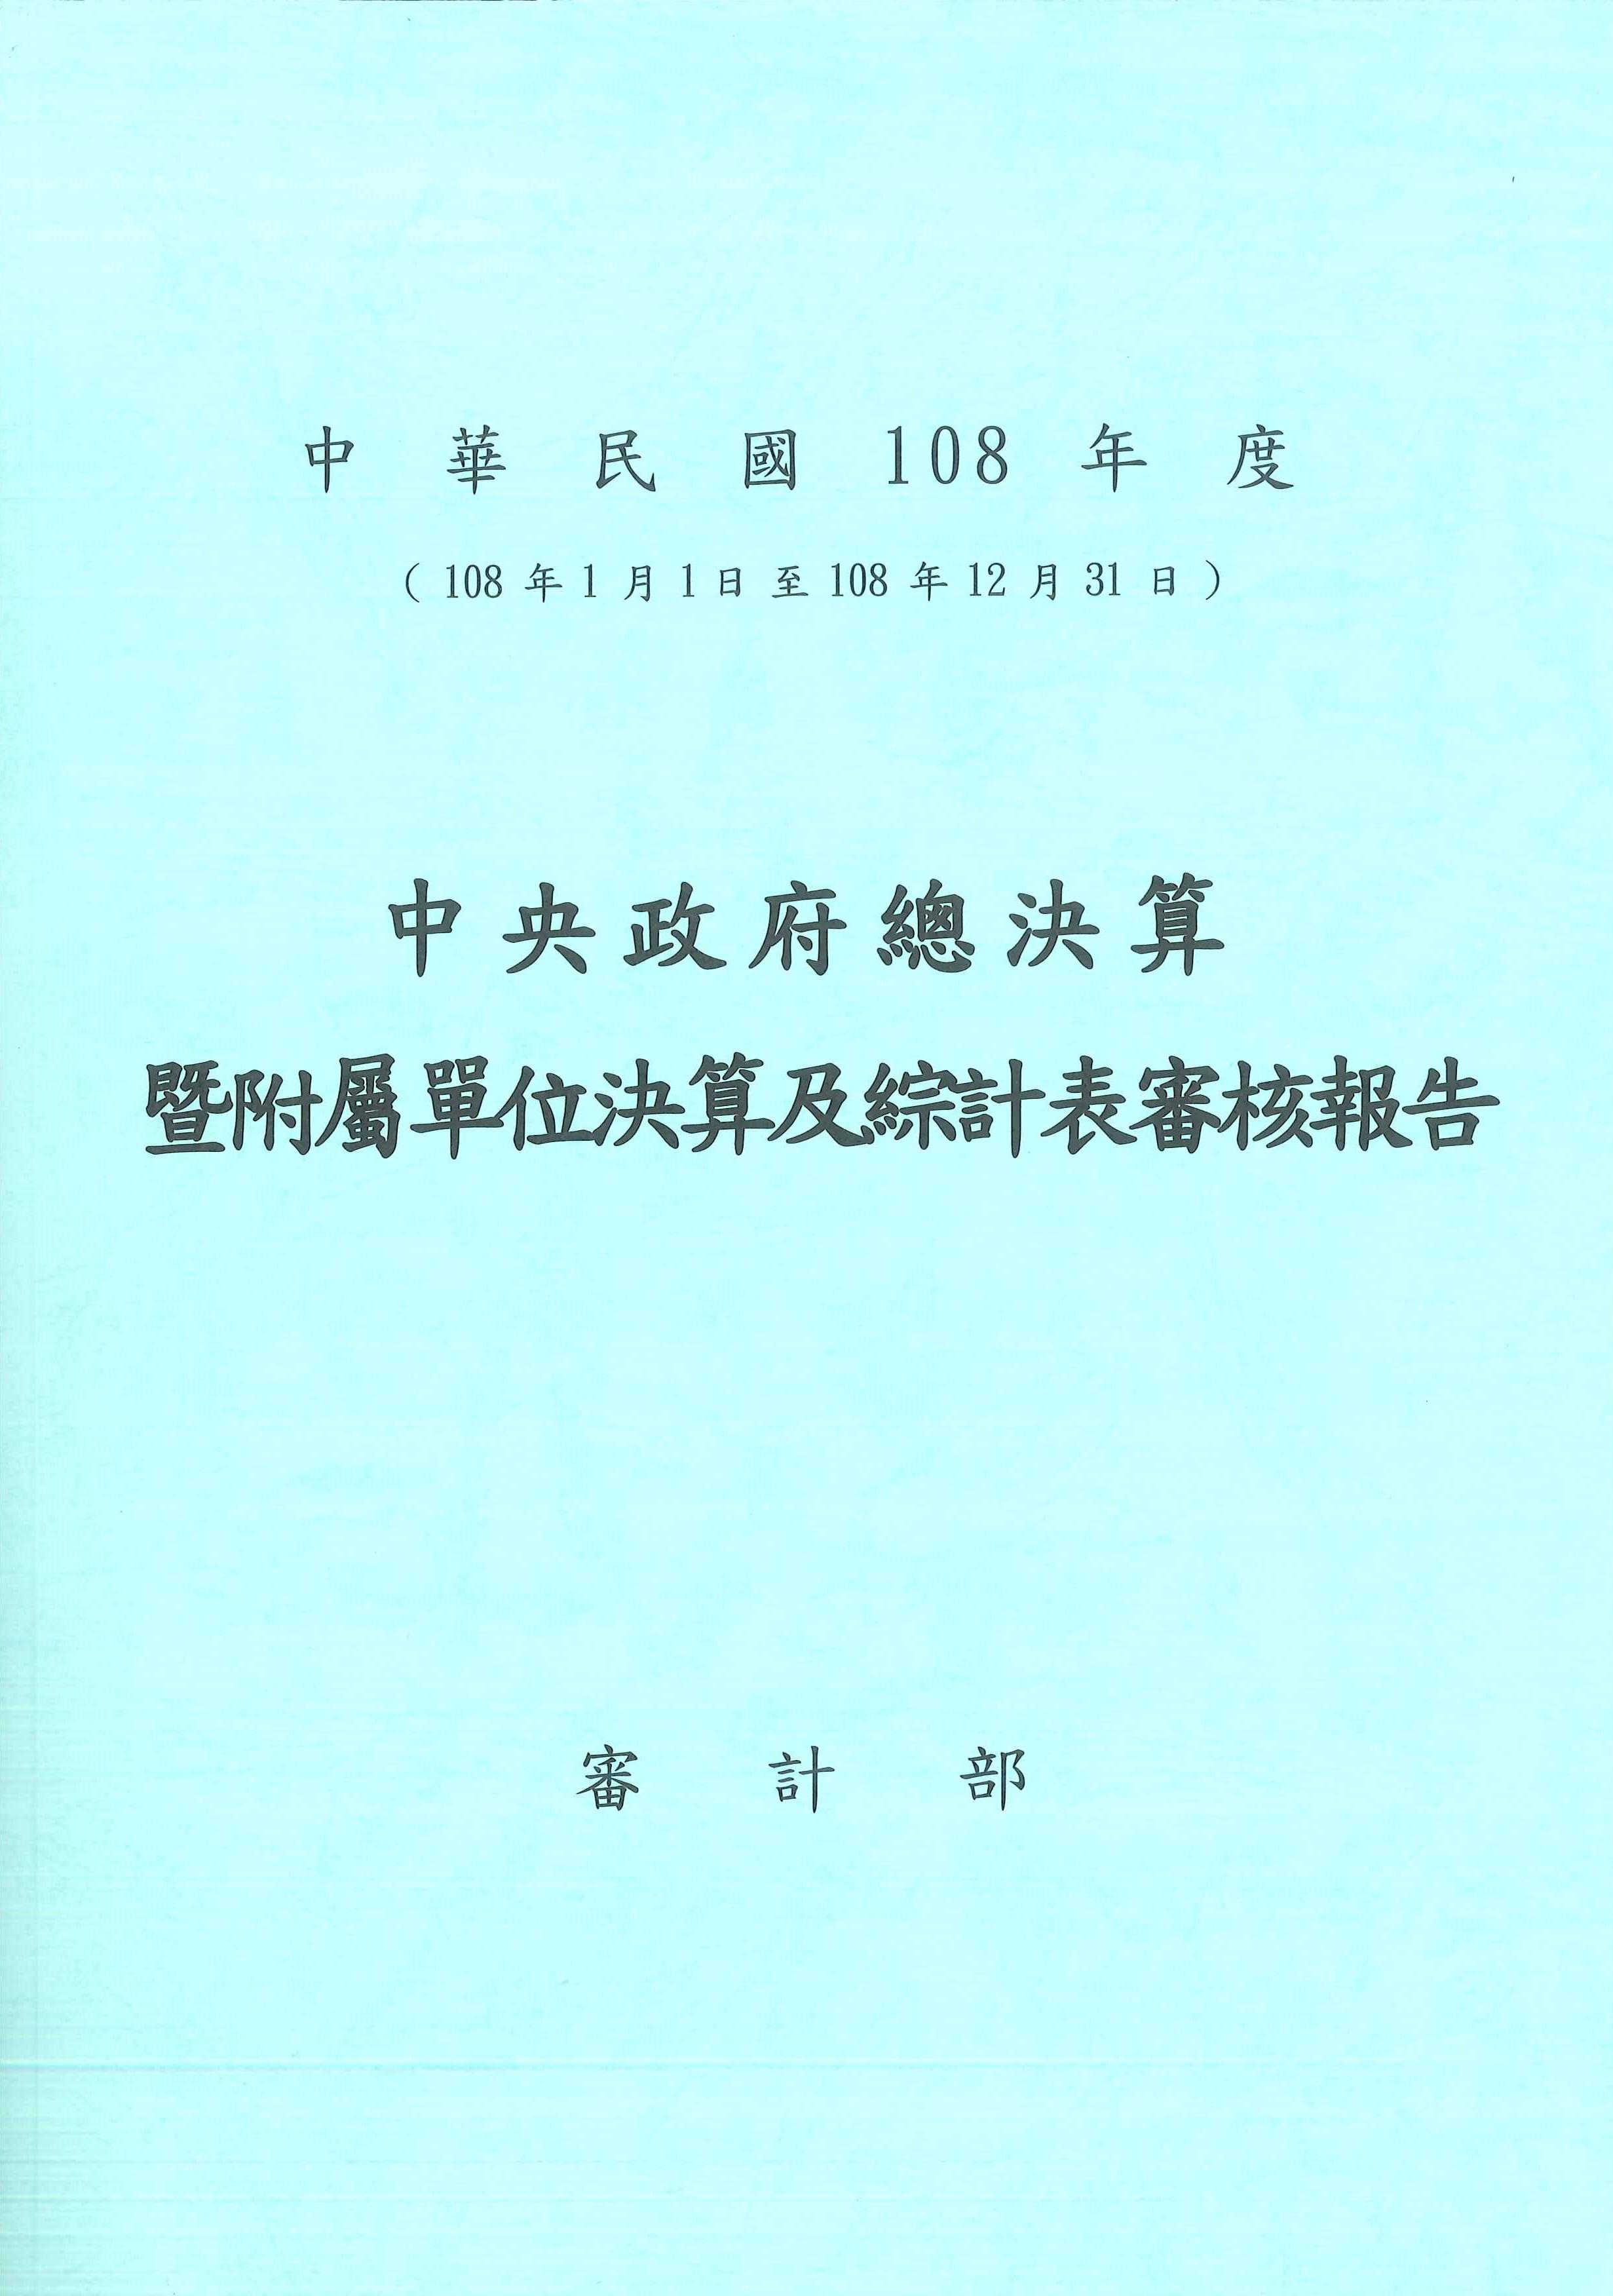 中央政府總決算暨附屬單位決算及綜計表審核報告